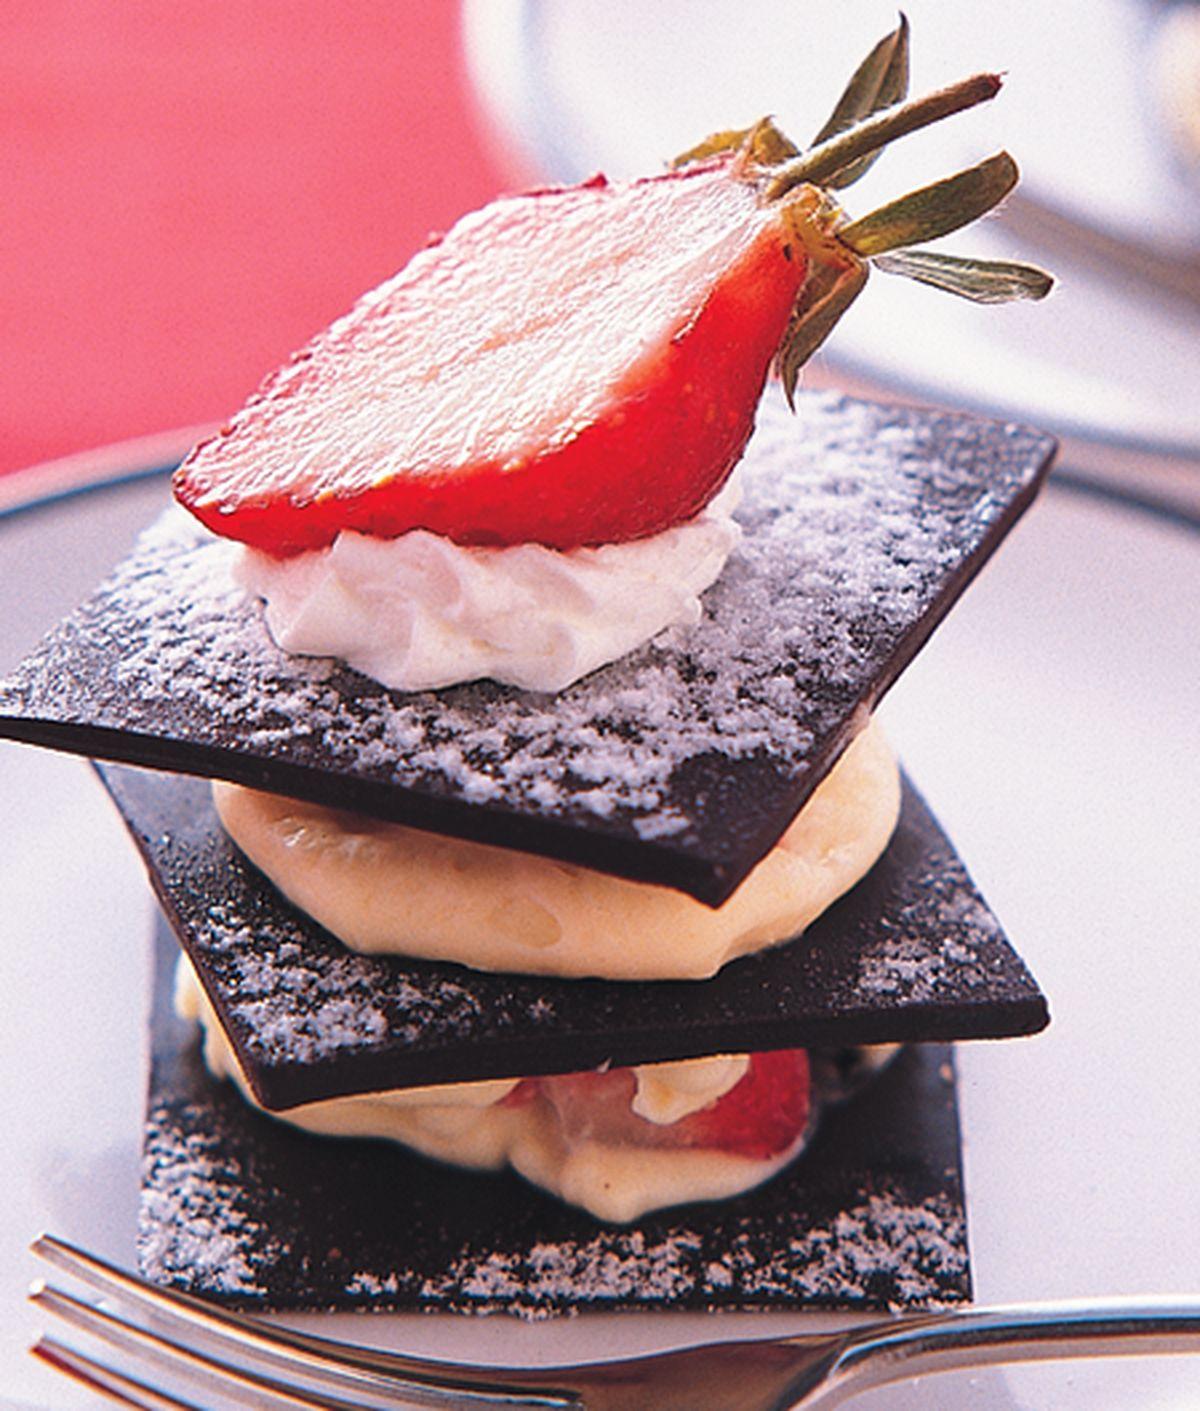 食譜:草莓起士塔